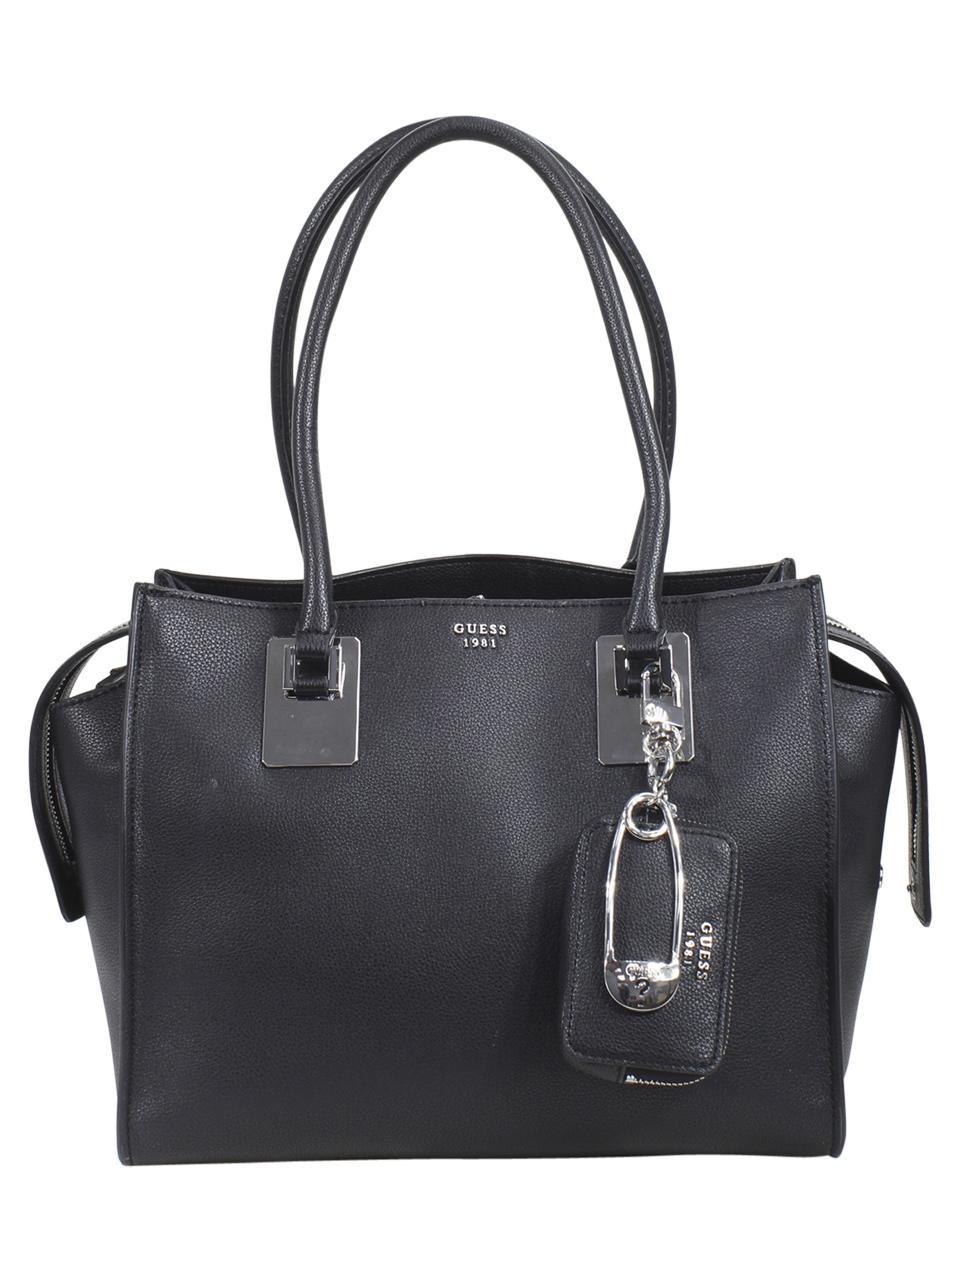 Guess Women's Gabi Girlfriend Satchel Handbag